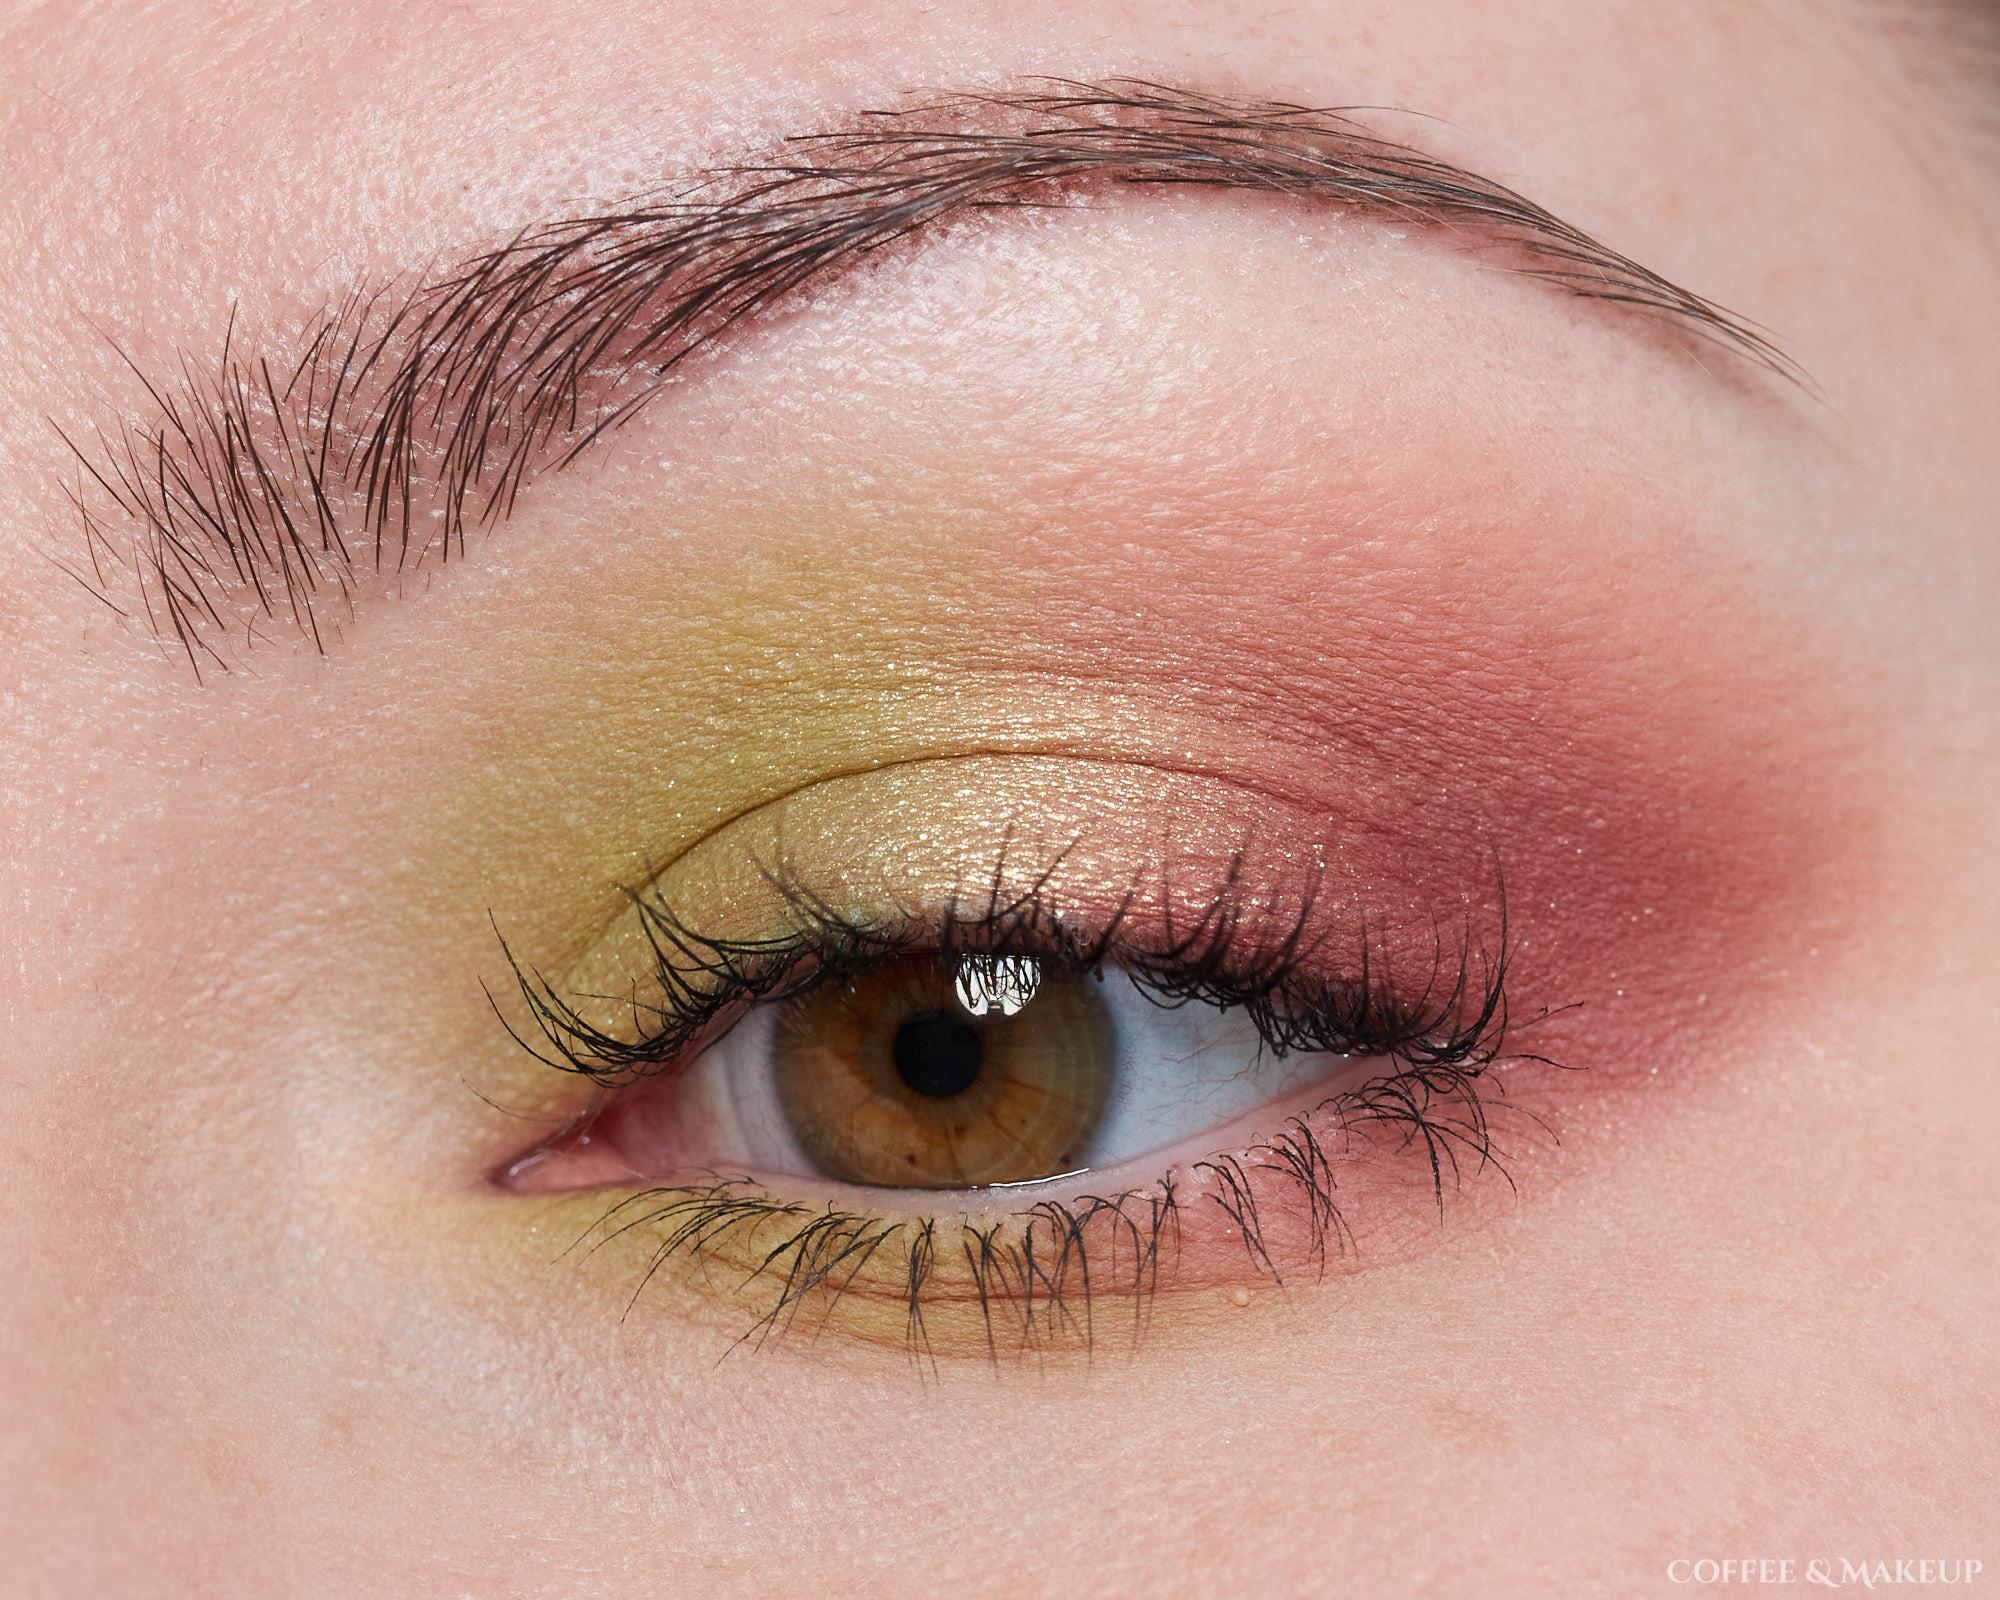 Makeup Geek Soft Focus Colors Look #2 (edited)